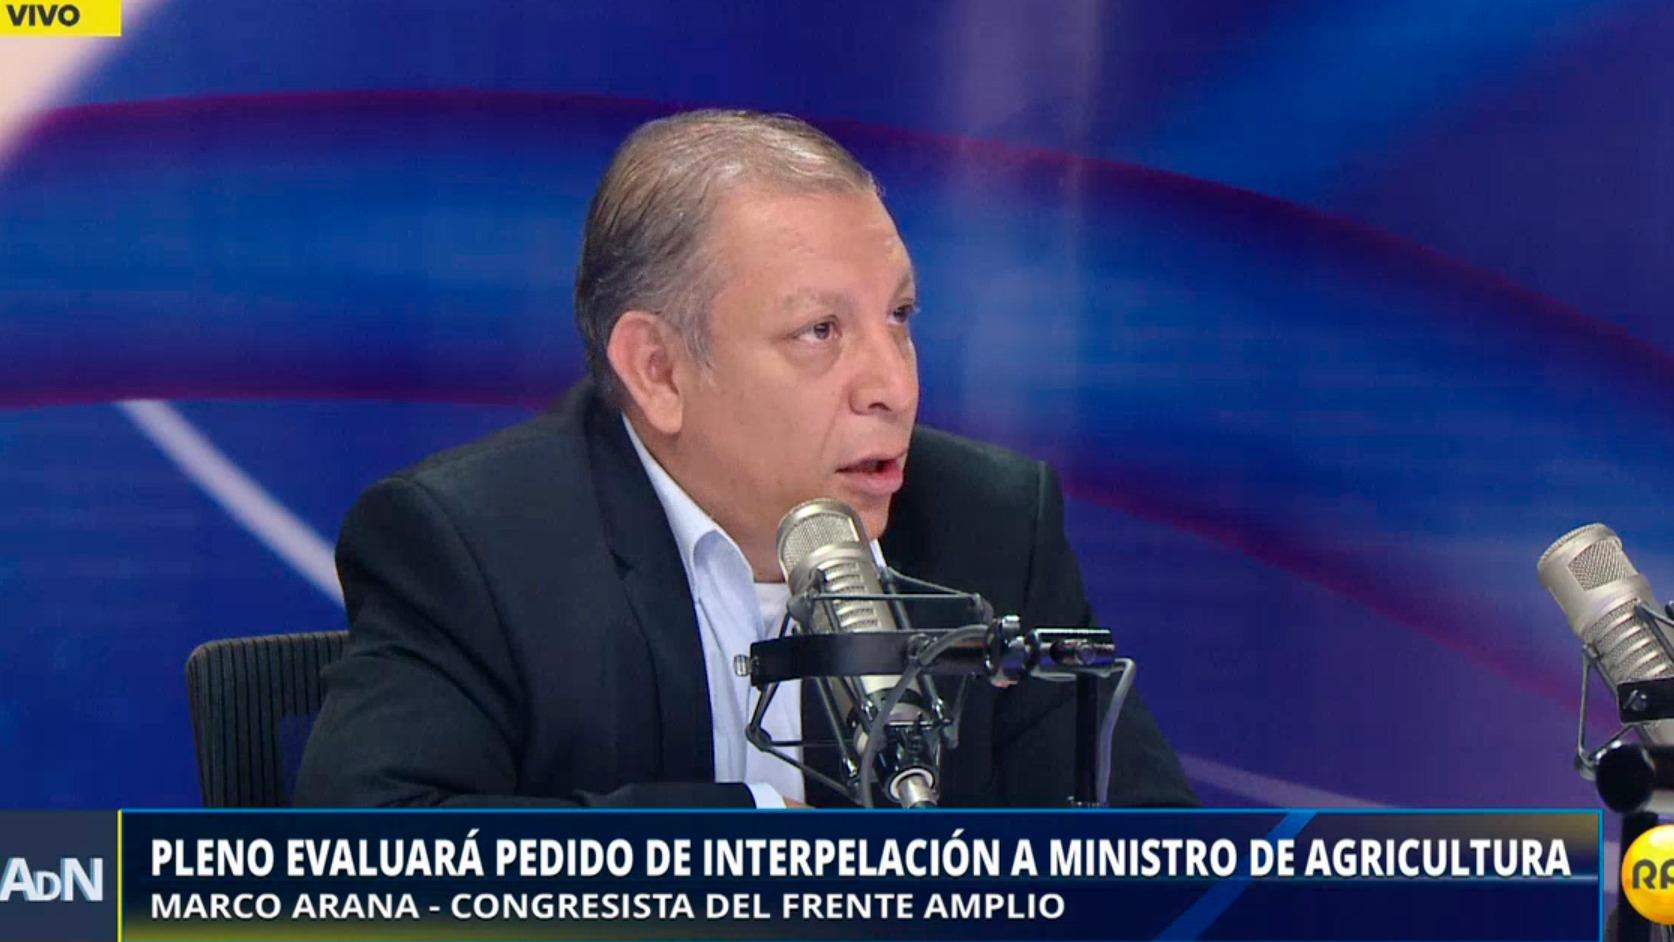 Pleno evaluará el pedido de interpelación al ministro de Agricultura, José Manuel Hernández.